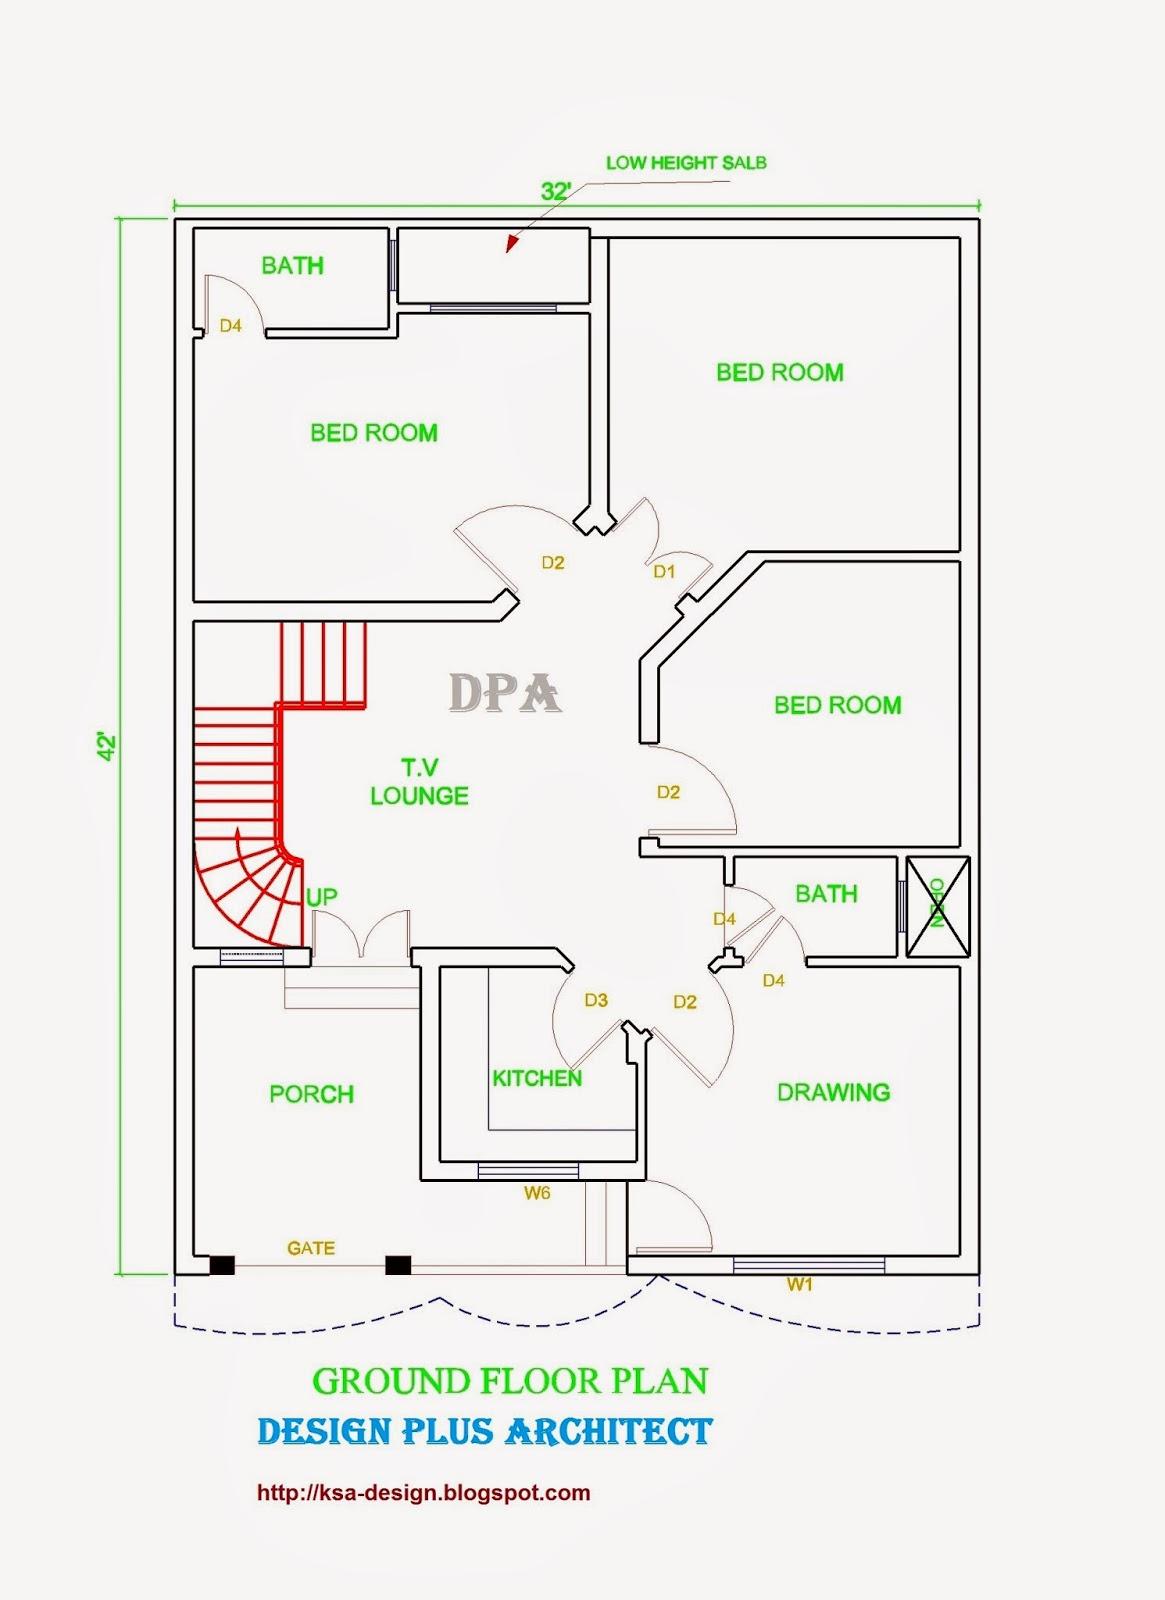 Home plans in pakistan home decor architect designer for Architecture 3d plan 2d